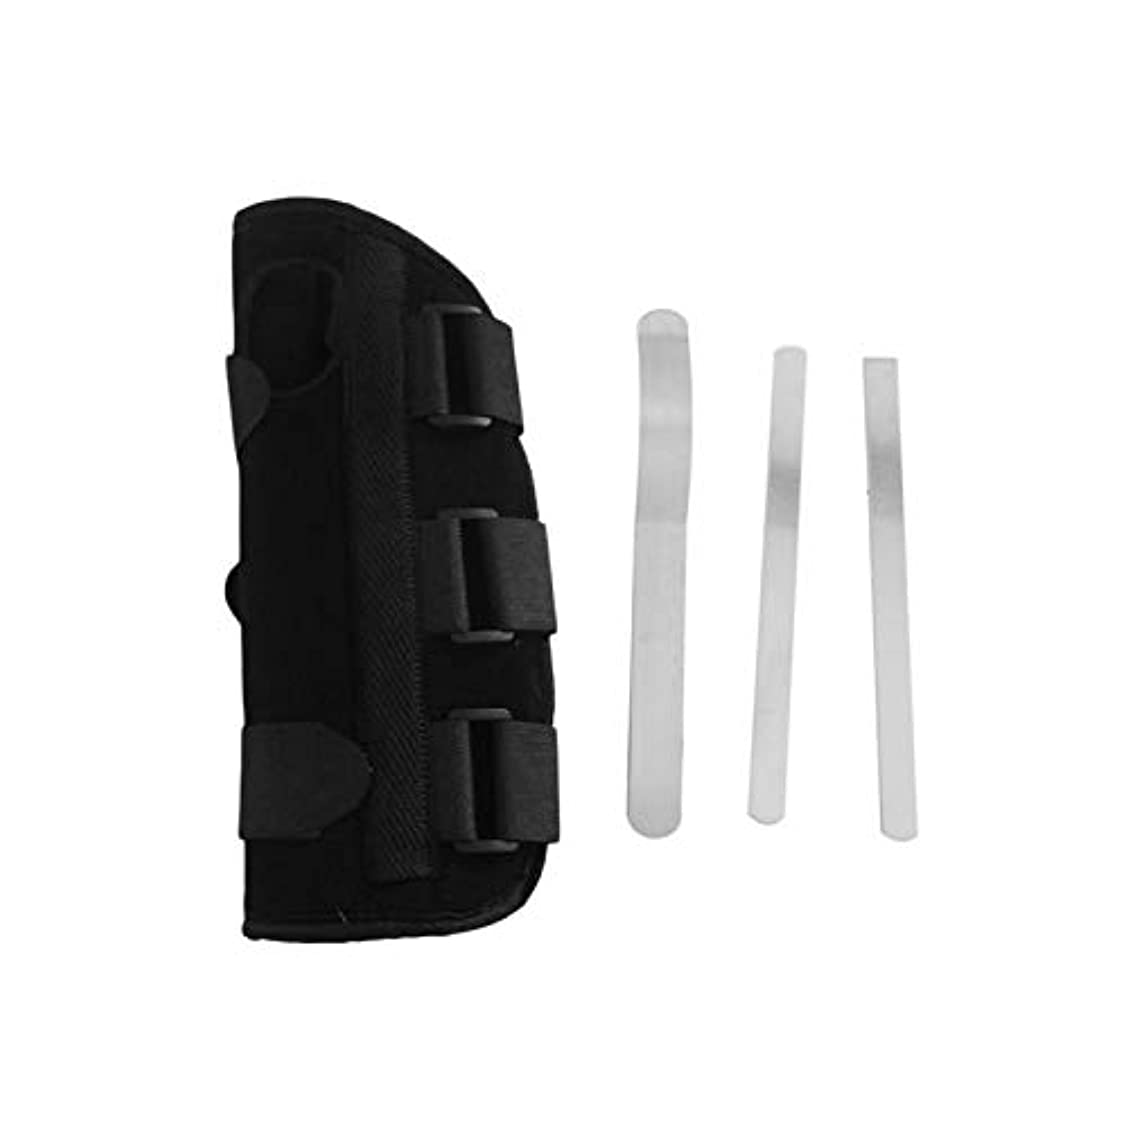 にじみ出る単位先行する手首副木ブレース保護サポートストラップカルペルトンネルCTS RSI痛み軽減取り外し可能な副木快適な軽量ストラップ - ブラックS